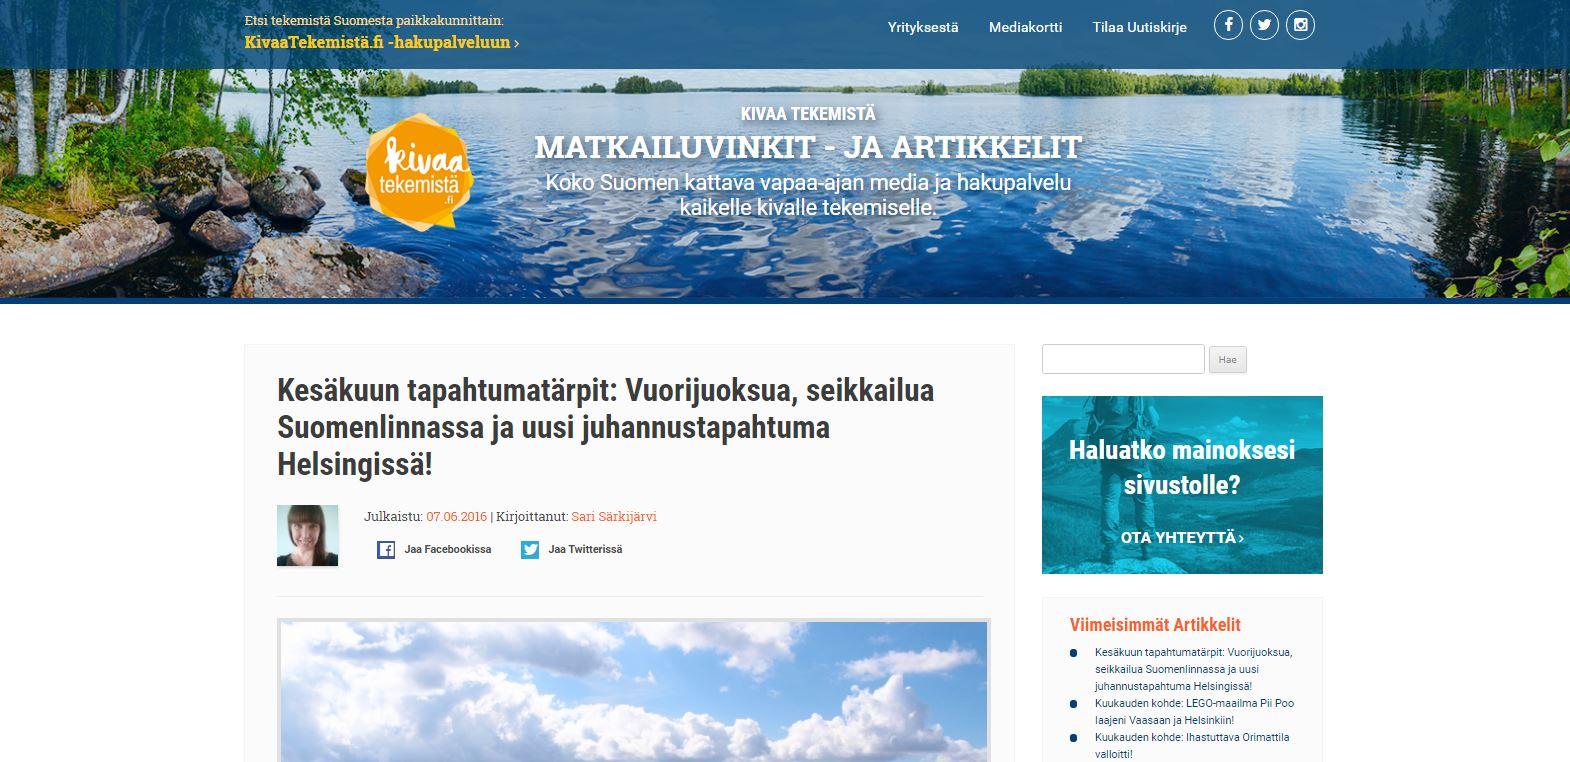 Artikkelit- ja matkailu-uutiset